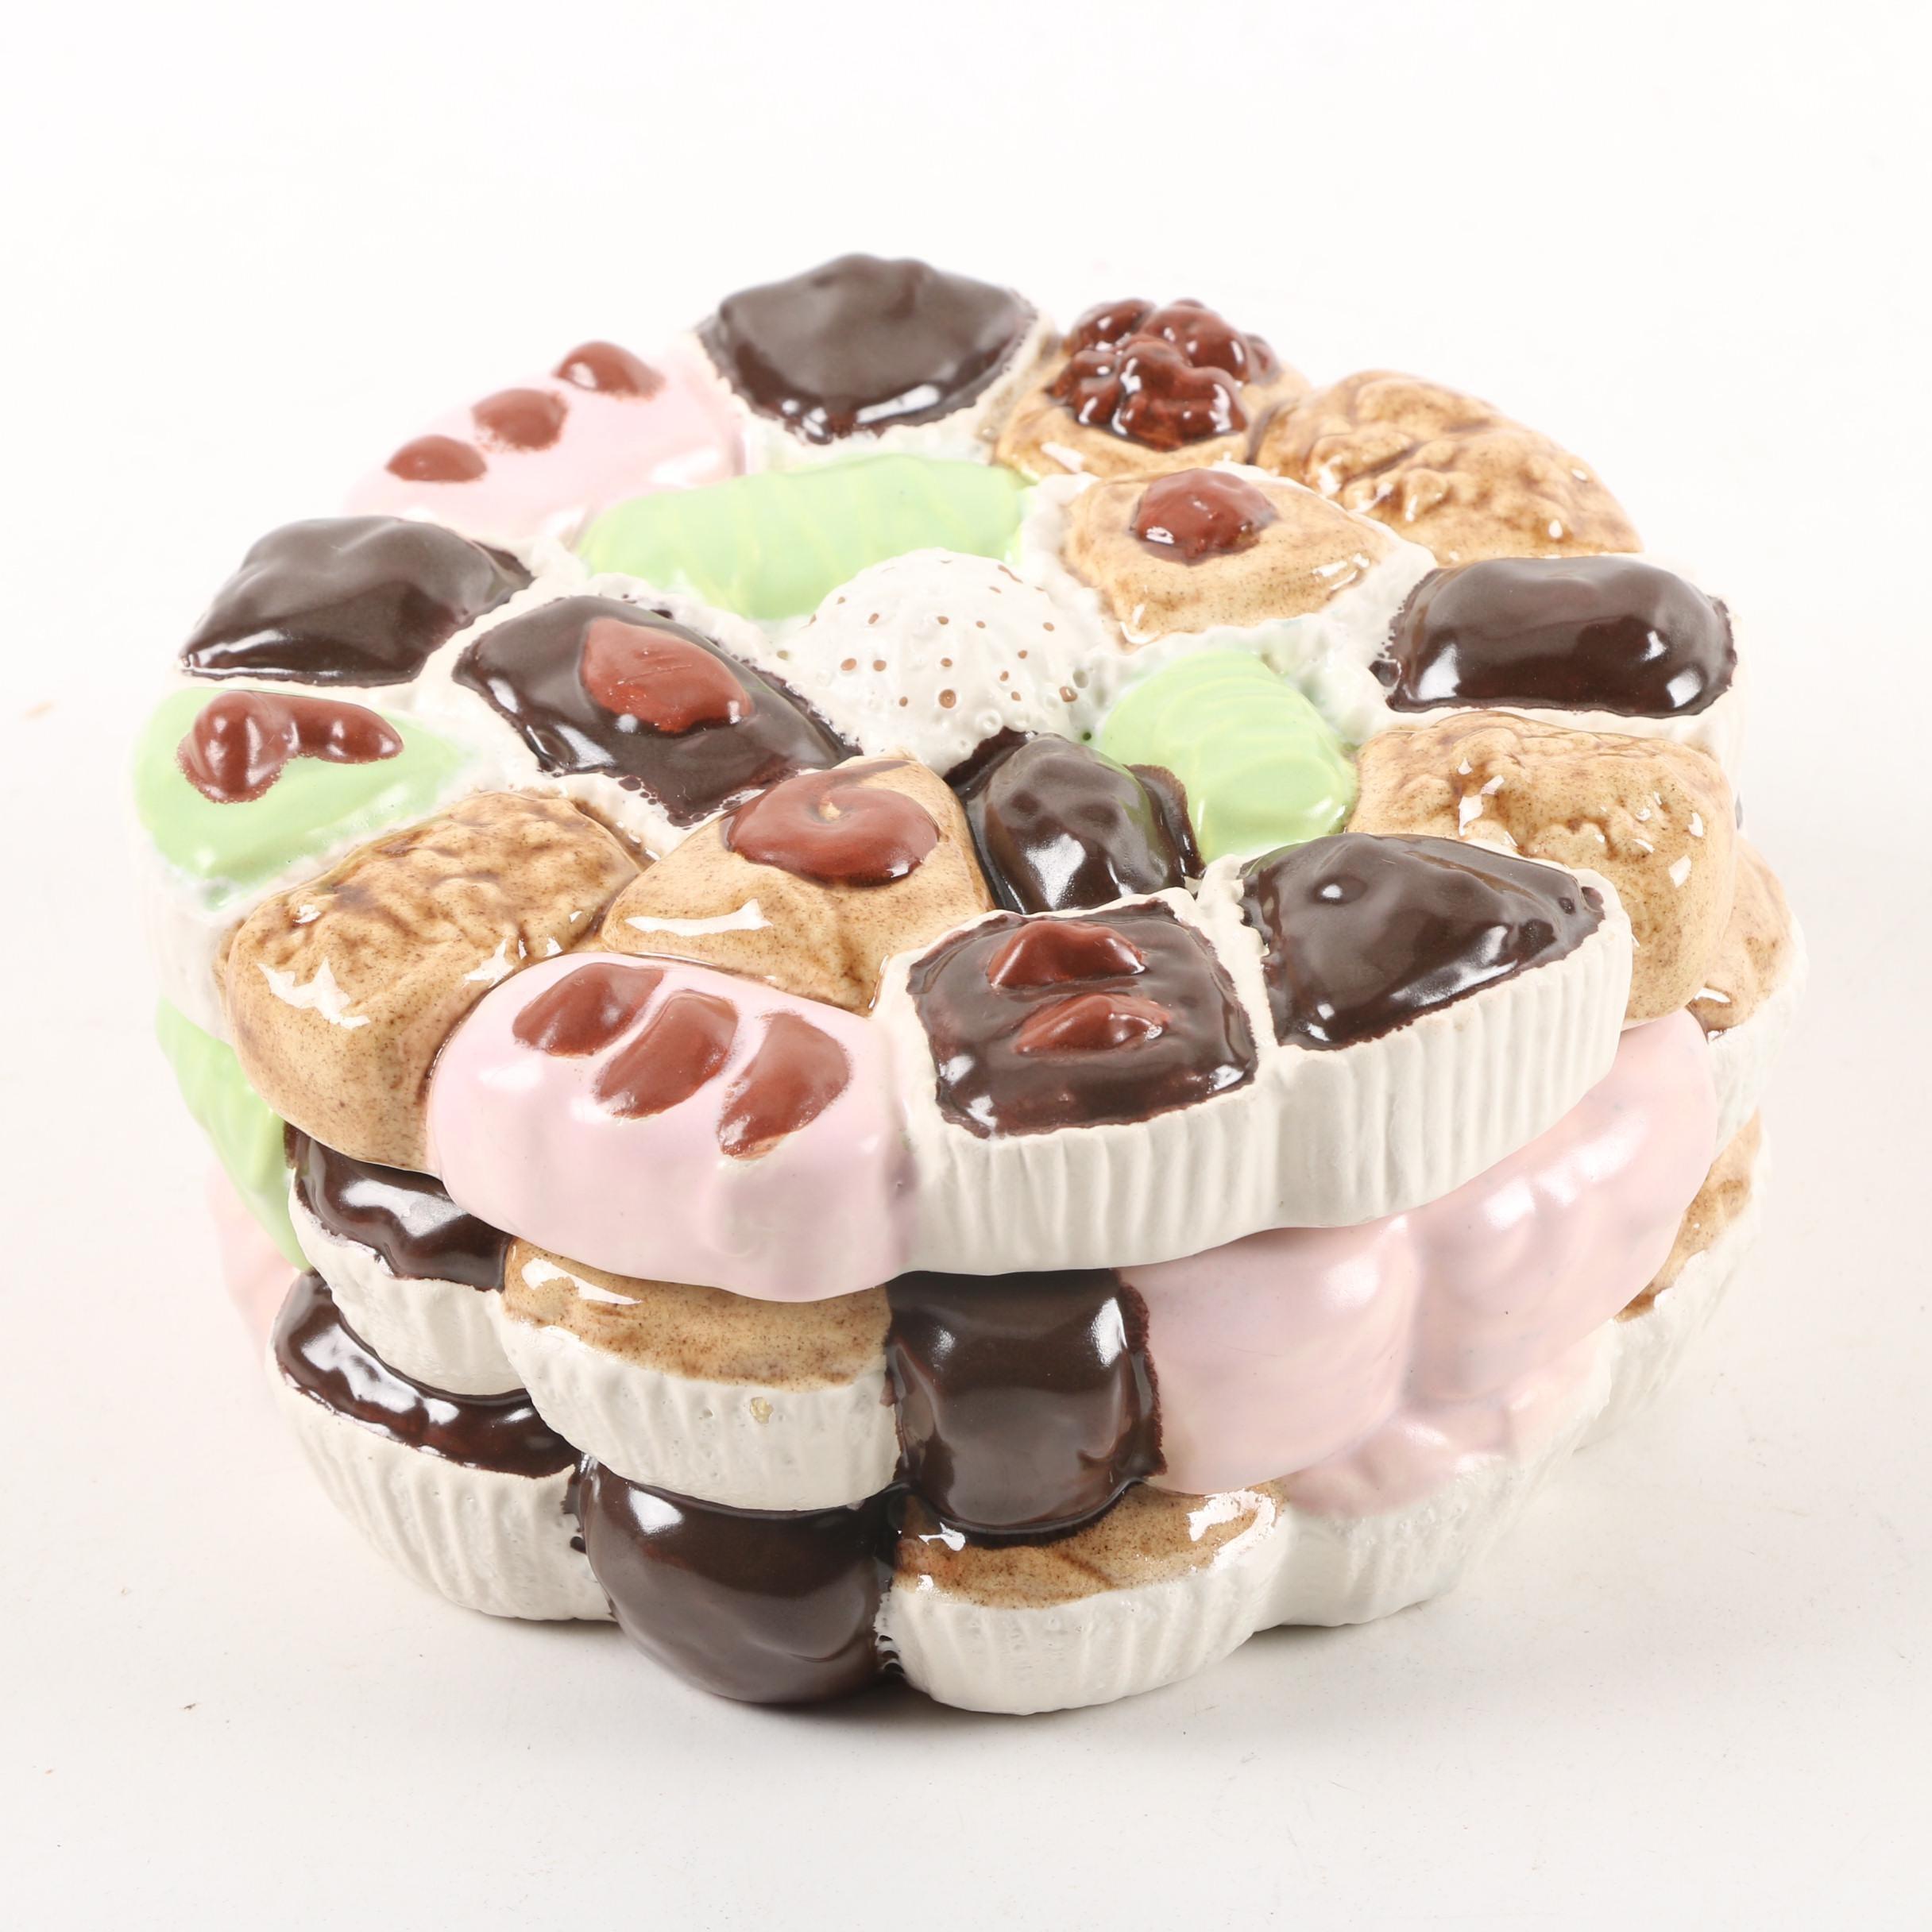 Vintage Dessert Themed Earthenware Candy Jar